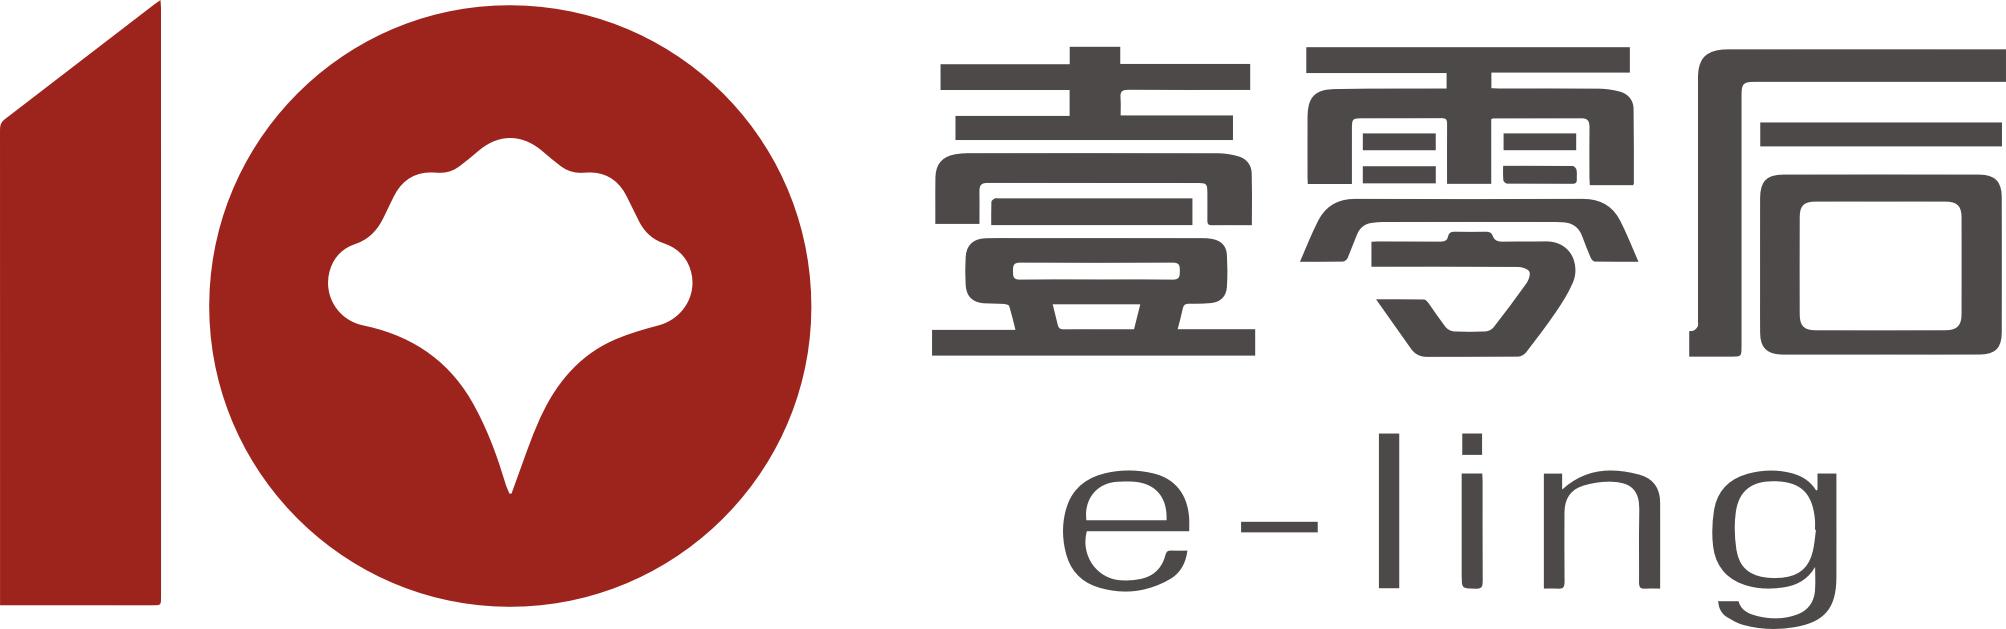 深圳壹零后信息技术有限公司